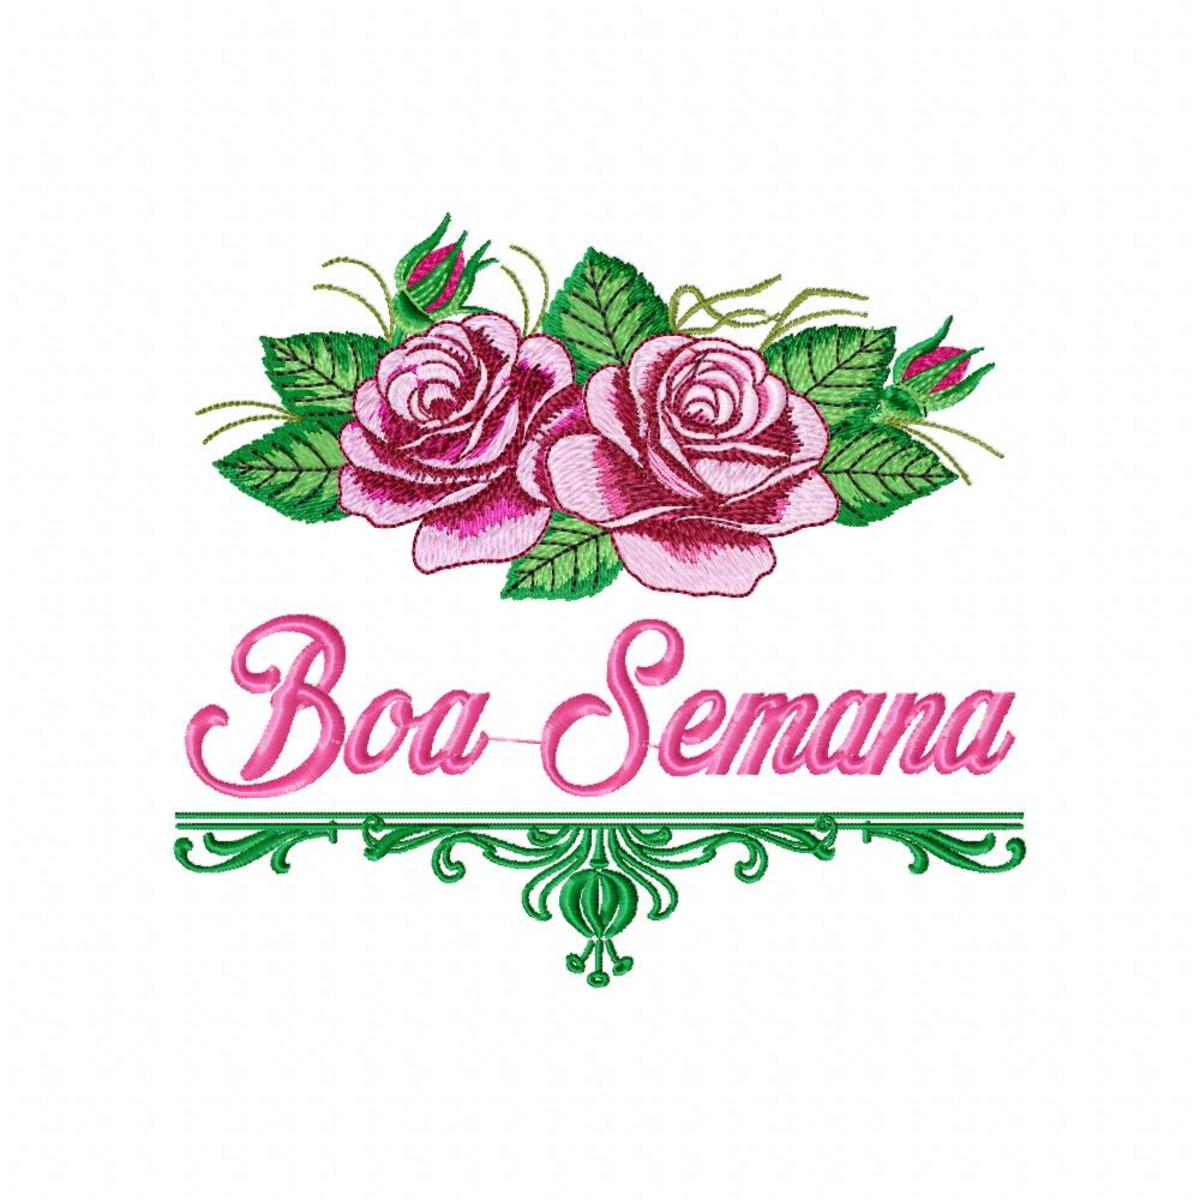 Matriz Boa Semana Rosas Semaninha Cozinha Agulha Feliz no Elo7 ...